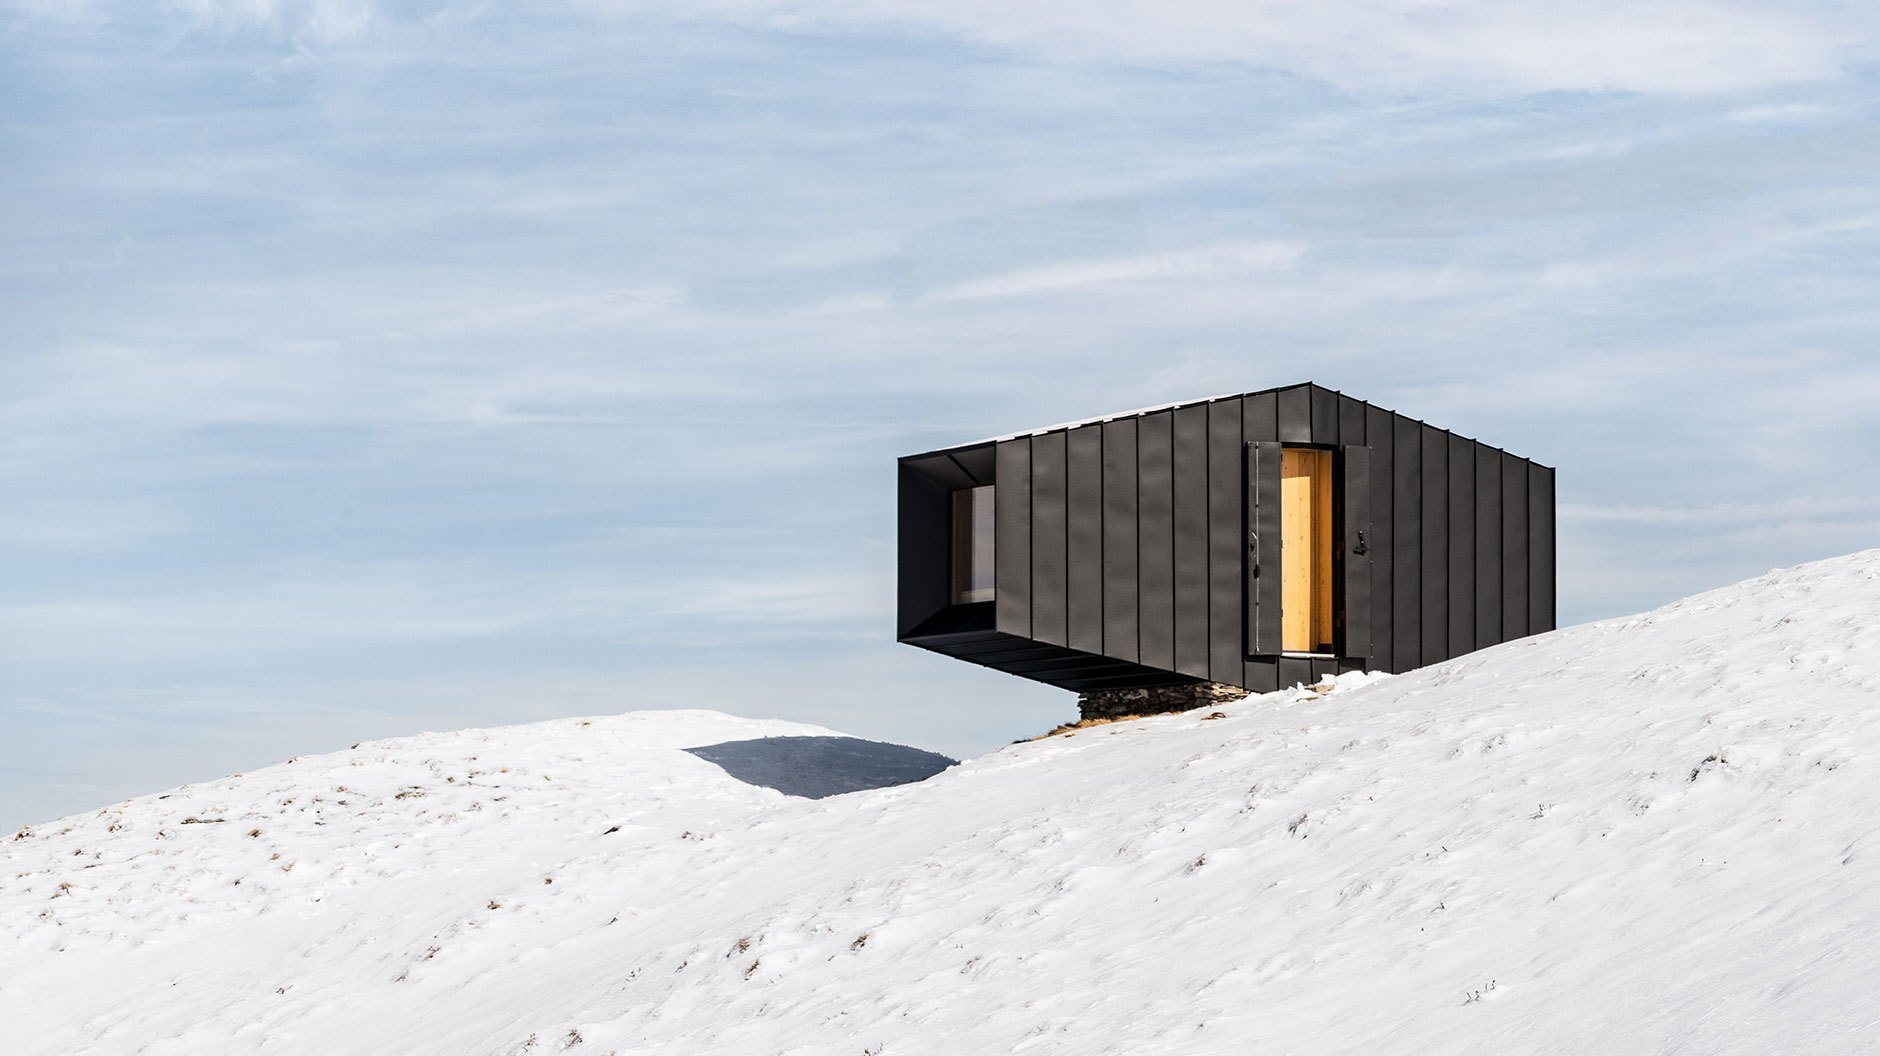 Black Body Mountain Shelter: Rifugio Matteo Corradini, Cesana Torinese, Italien, 2019. Entwurf: Andrea Cassi und Michele Versaci, Fotograf: © Delfino Sisto Legnani